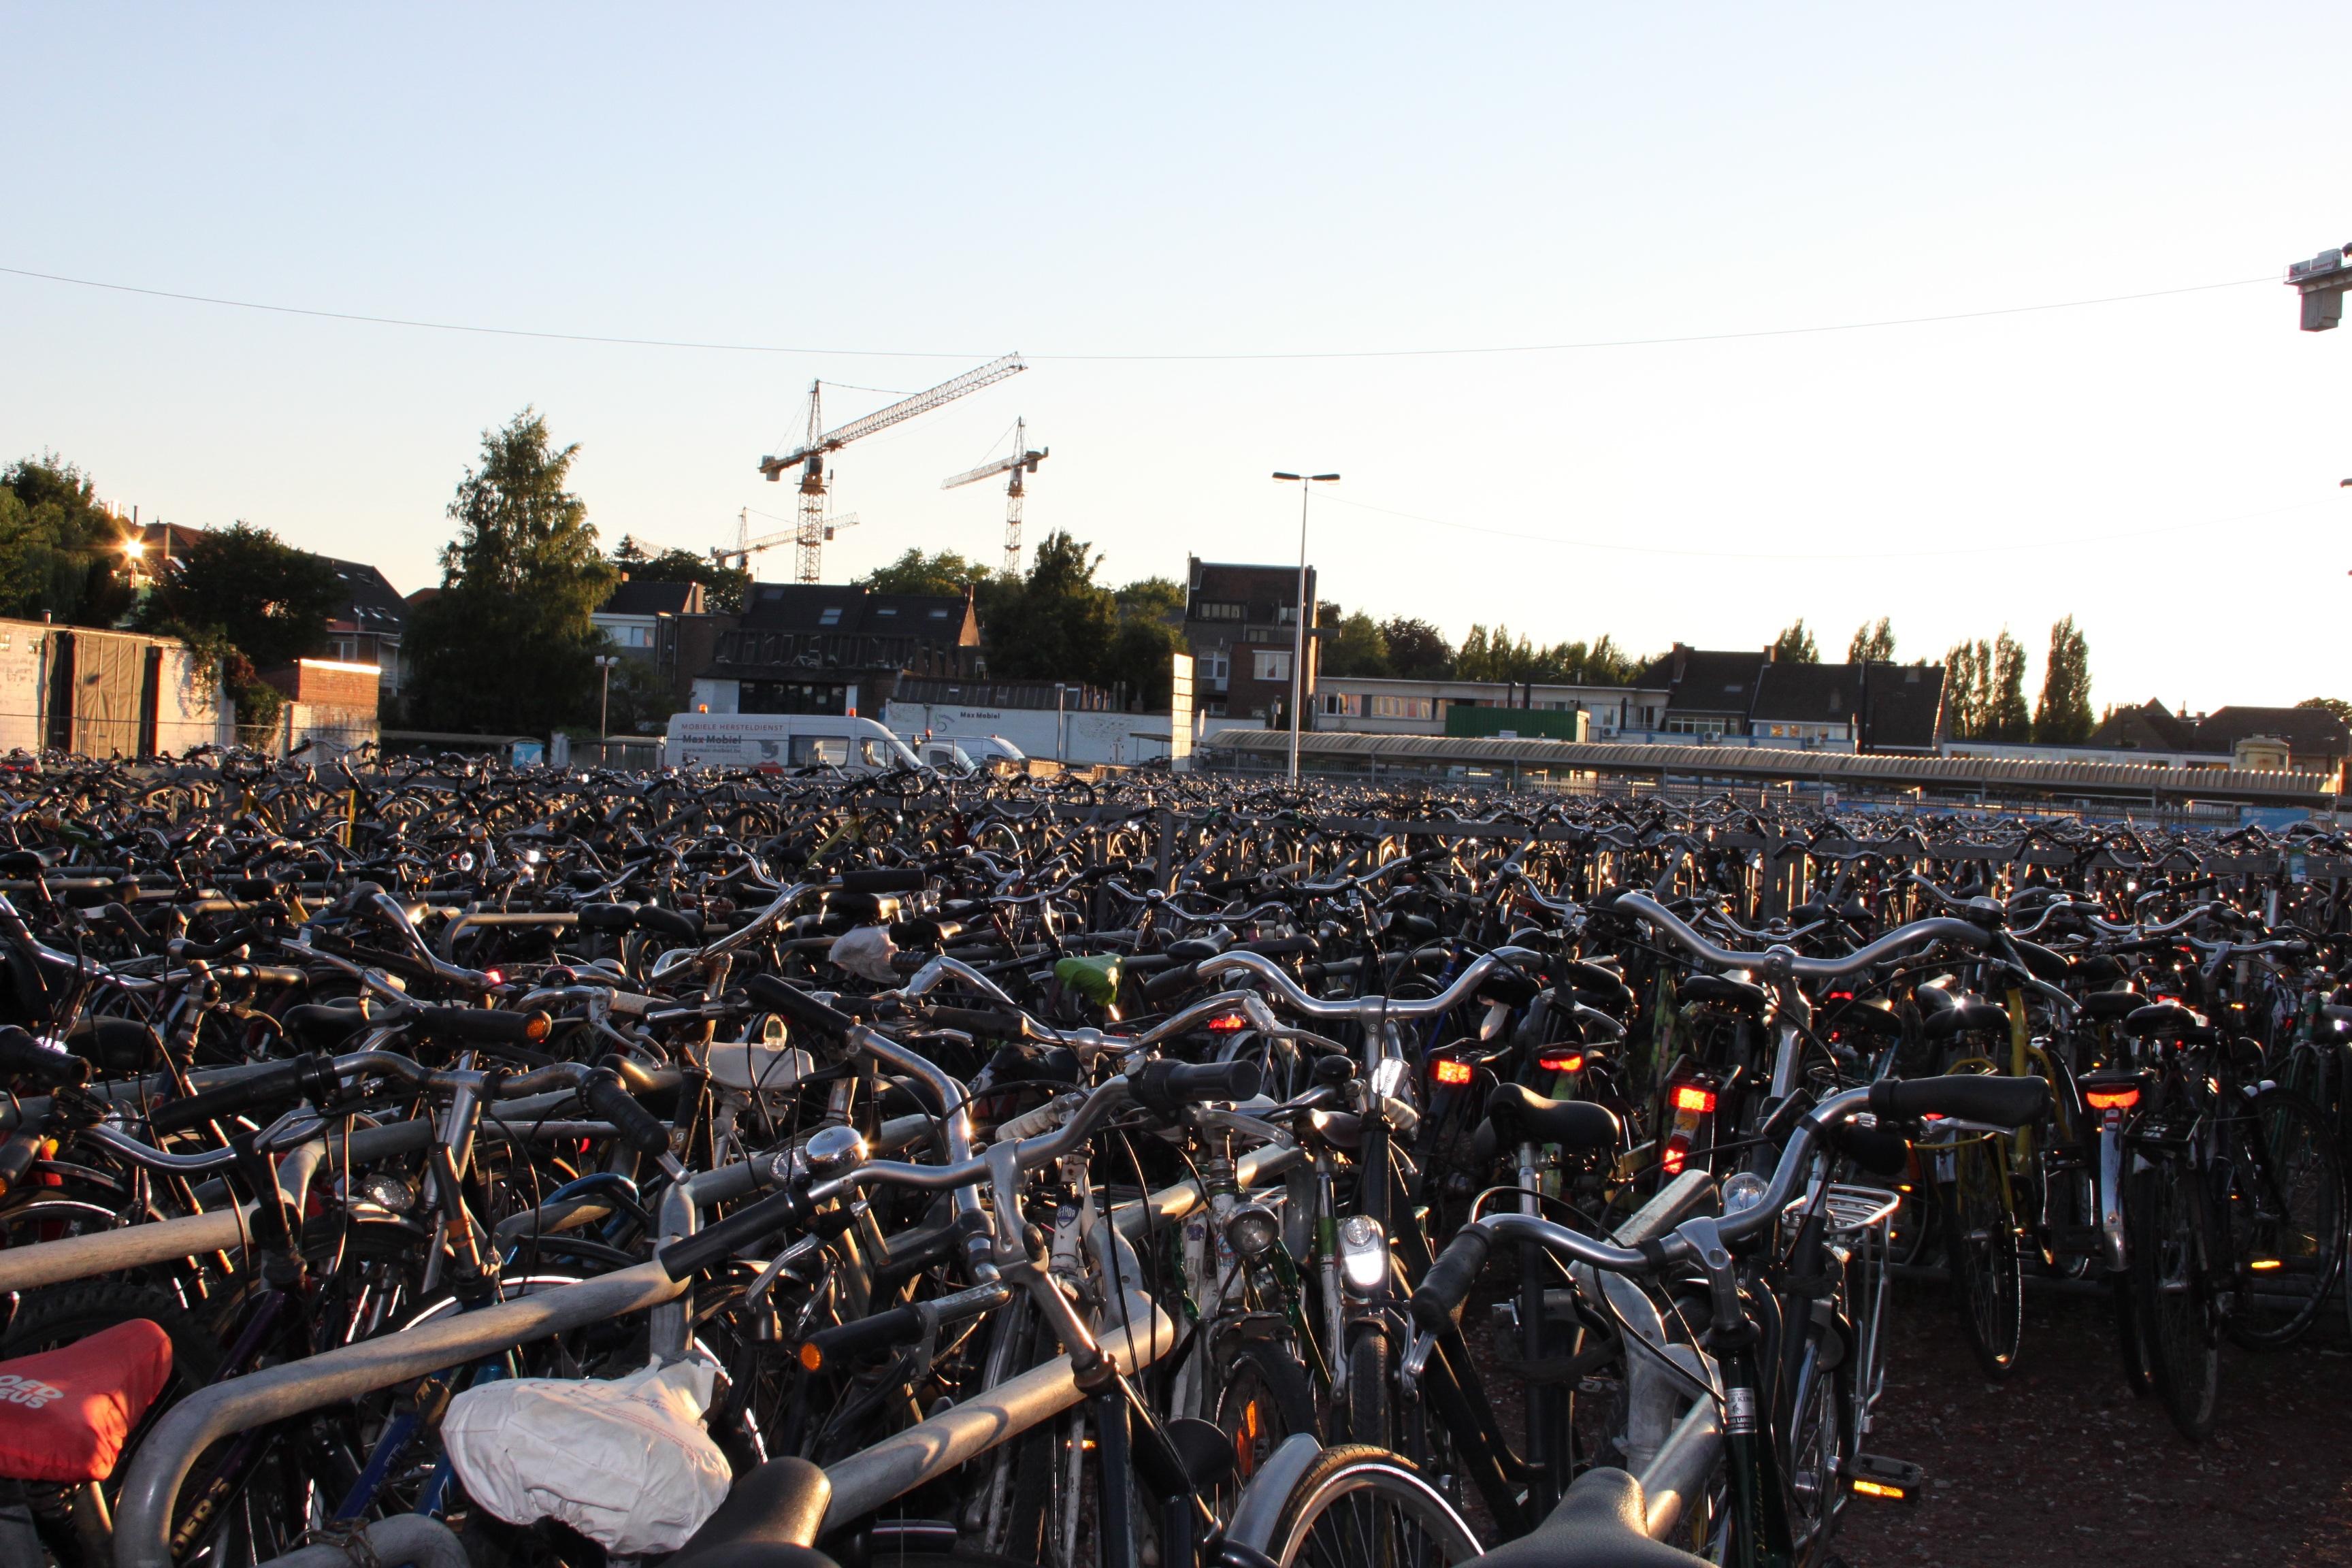 Kostenlose foto : Menschen, Sport, Fahrrad, Parken, Menge, Konzert ...